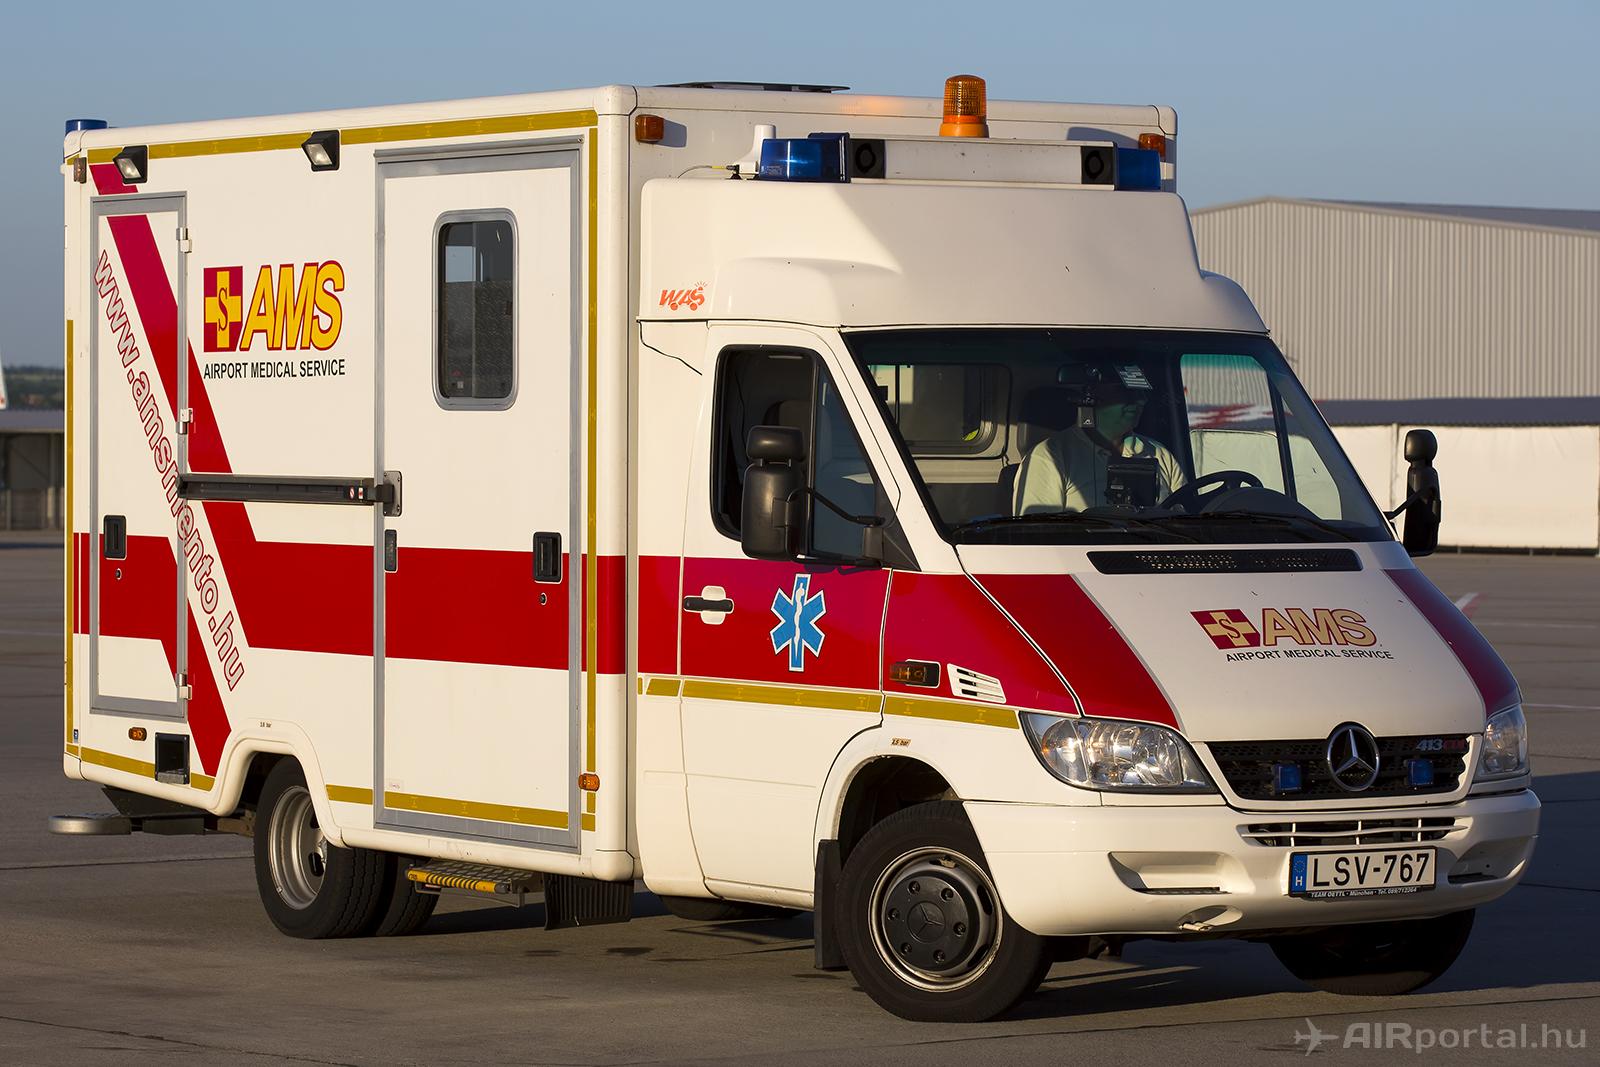 AMS Repülőtéri Egészségügyi Szolgálat repülőtéri rohamkocsija. (Fotó: AIRportal) | © AIRportal.hu